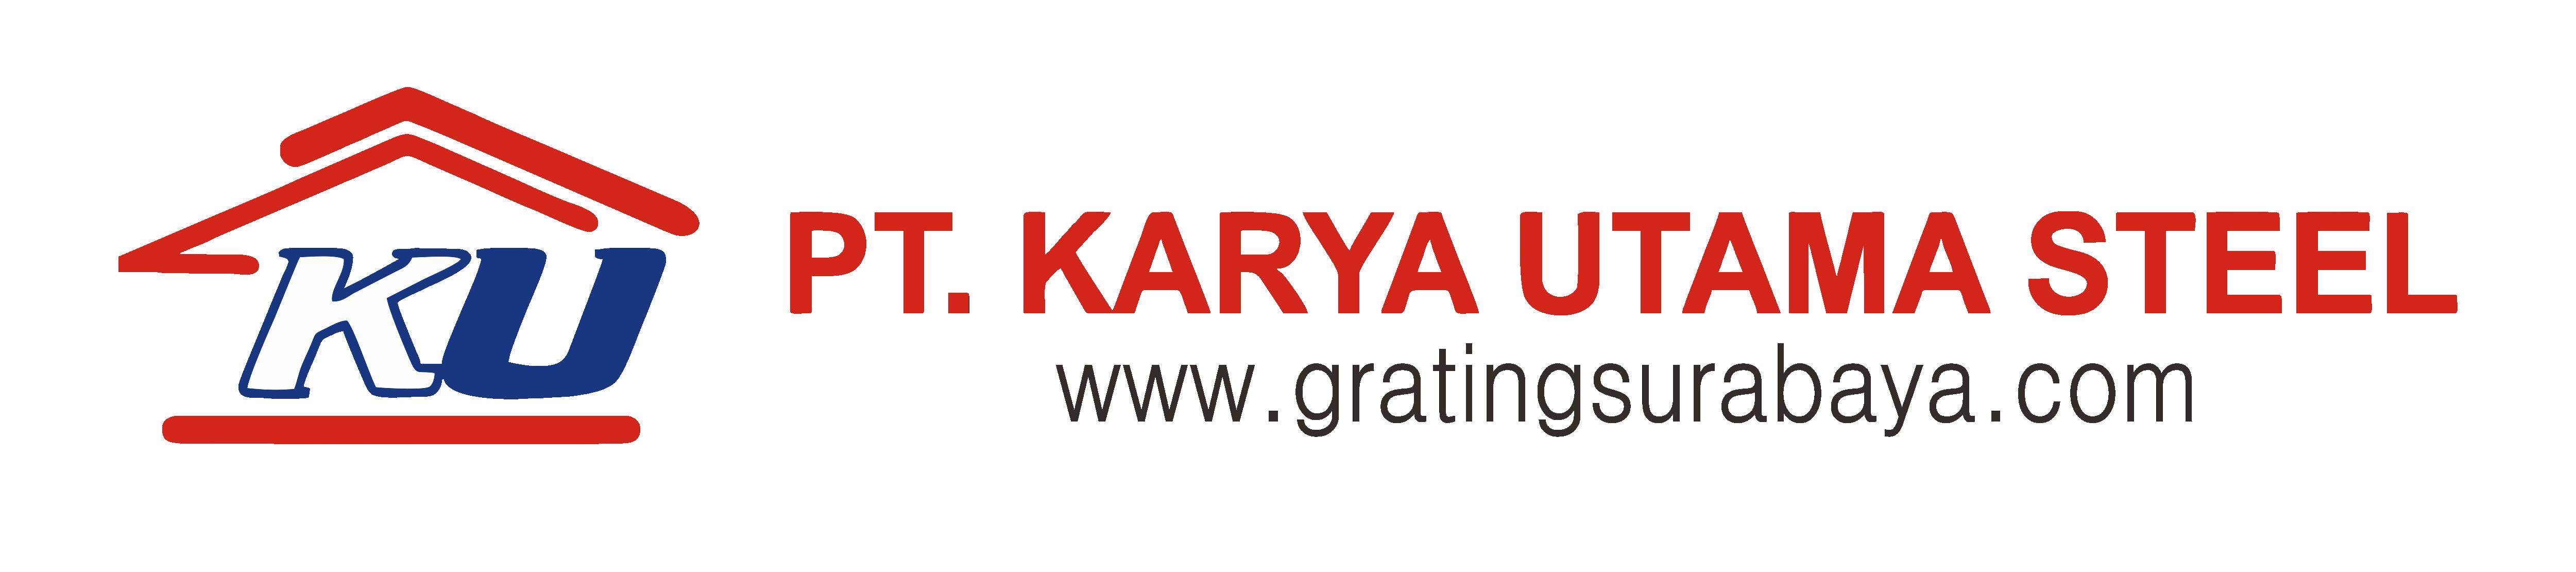 √ Jual Grating Steel Galvanis - Harga Murah Surabaya Ready Stock